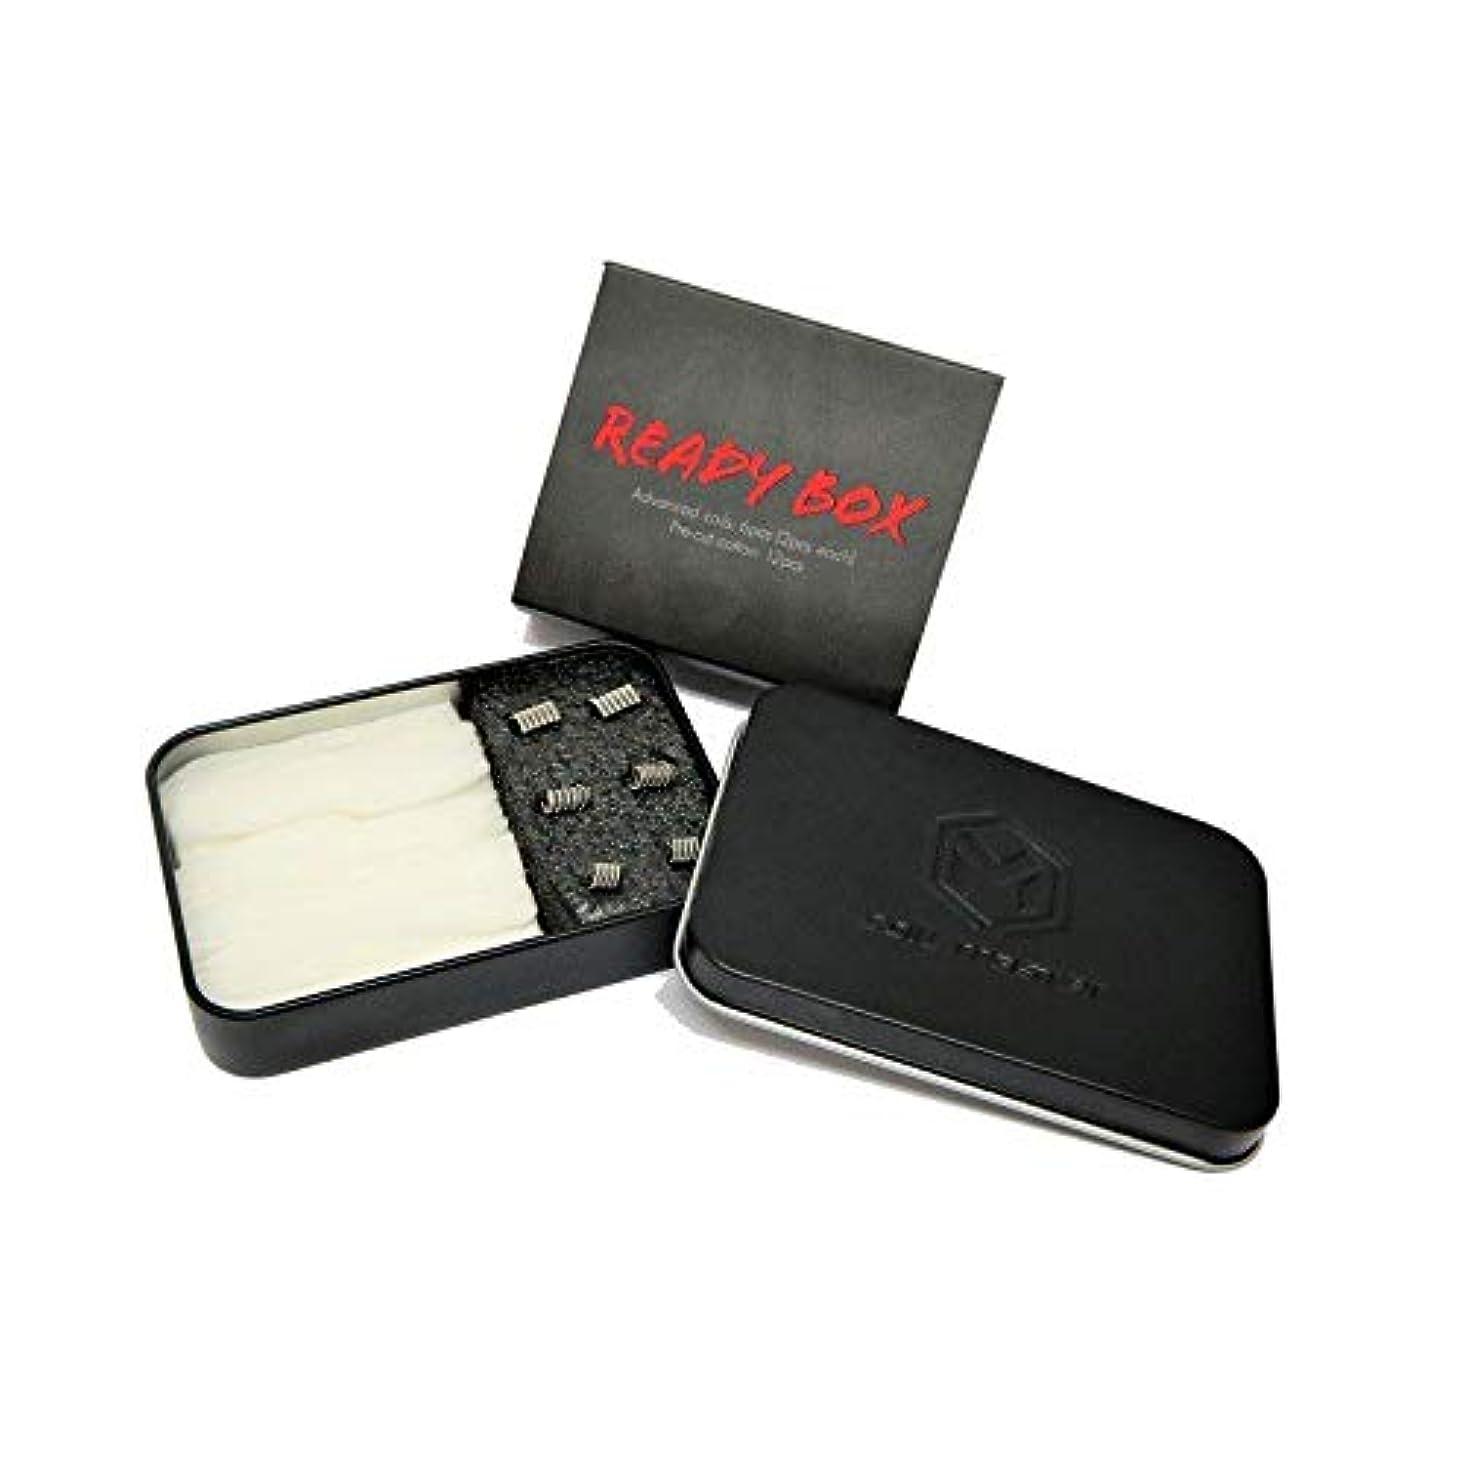 好奇心盛くしゃくしゃ勃起コイルマスター 正規品 Coil Master Ready Box 電子たばこ ビルドツール